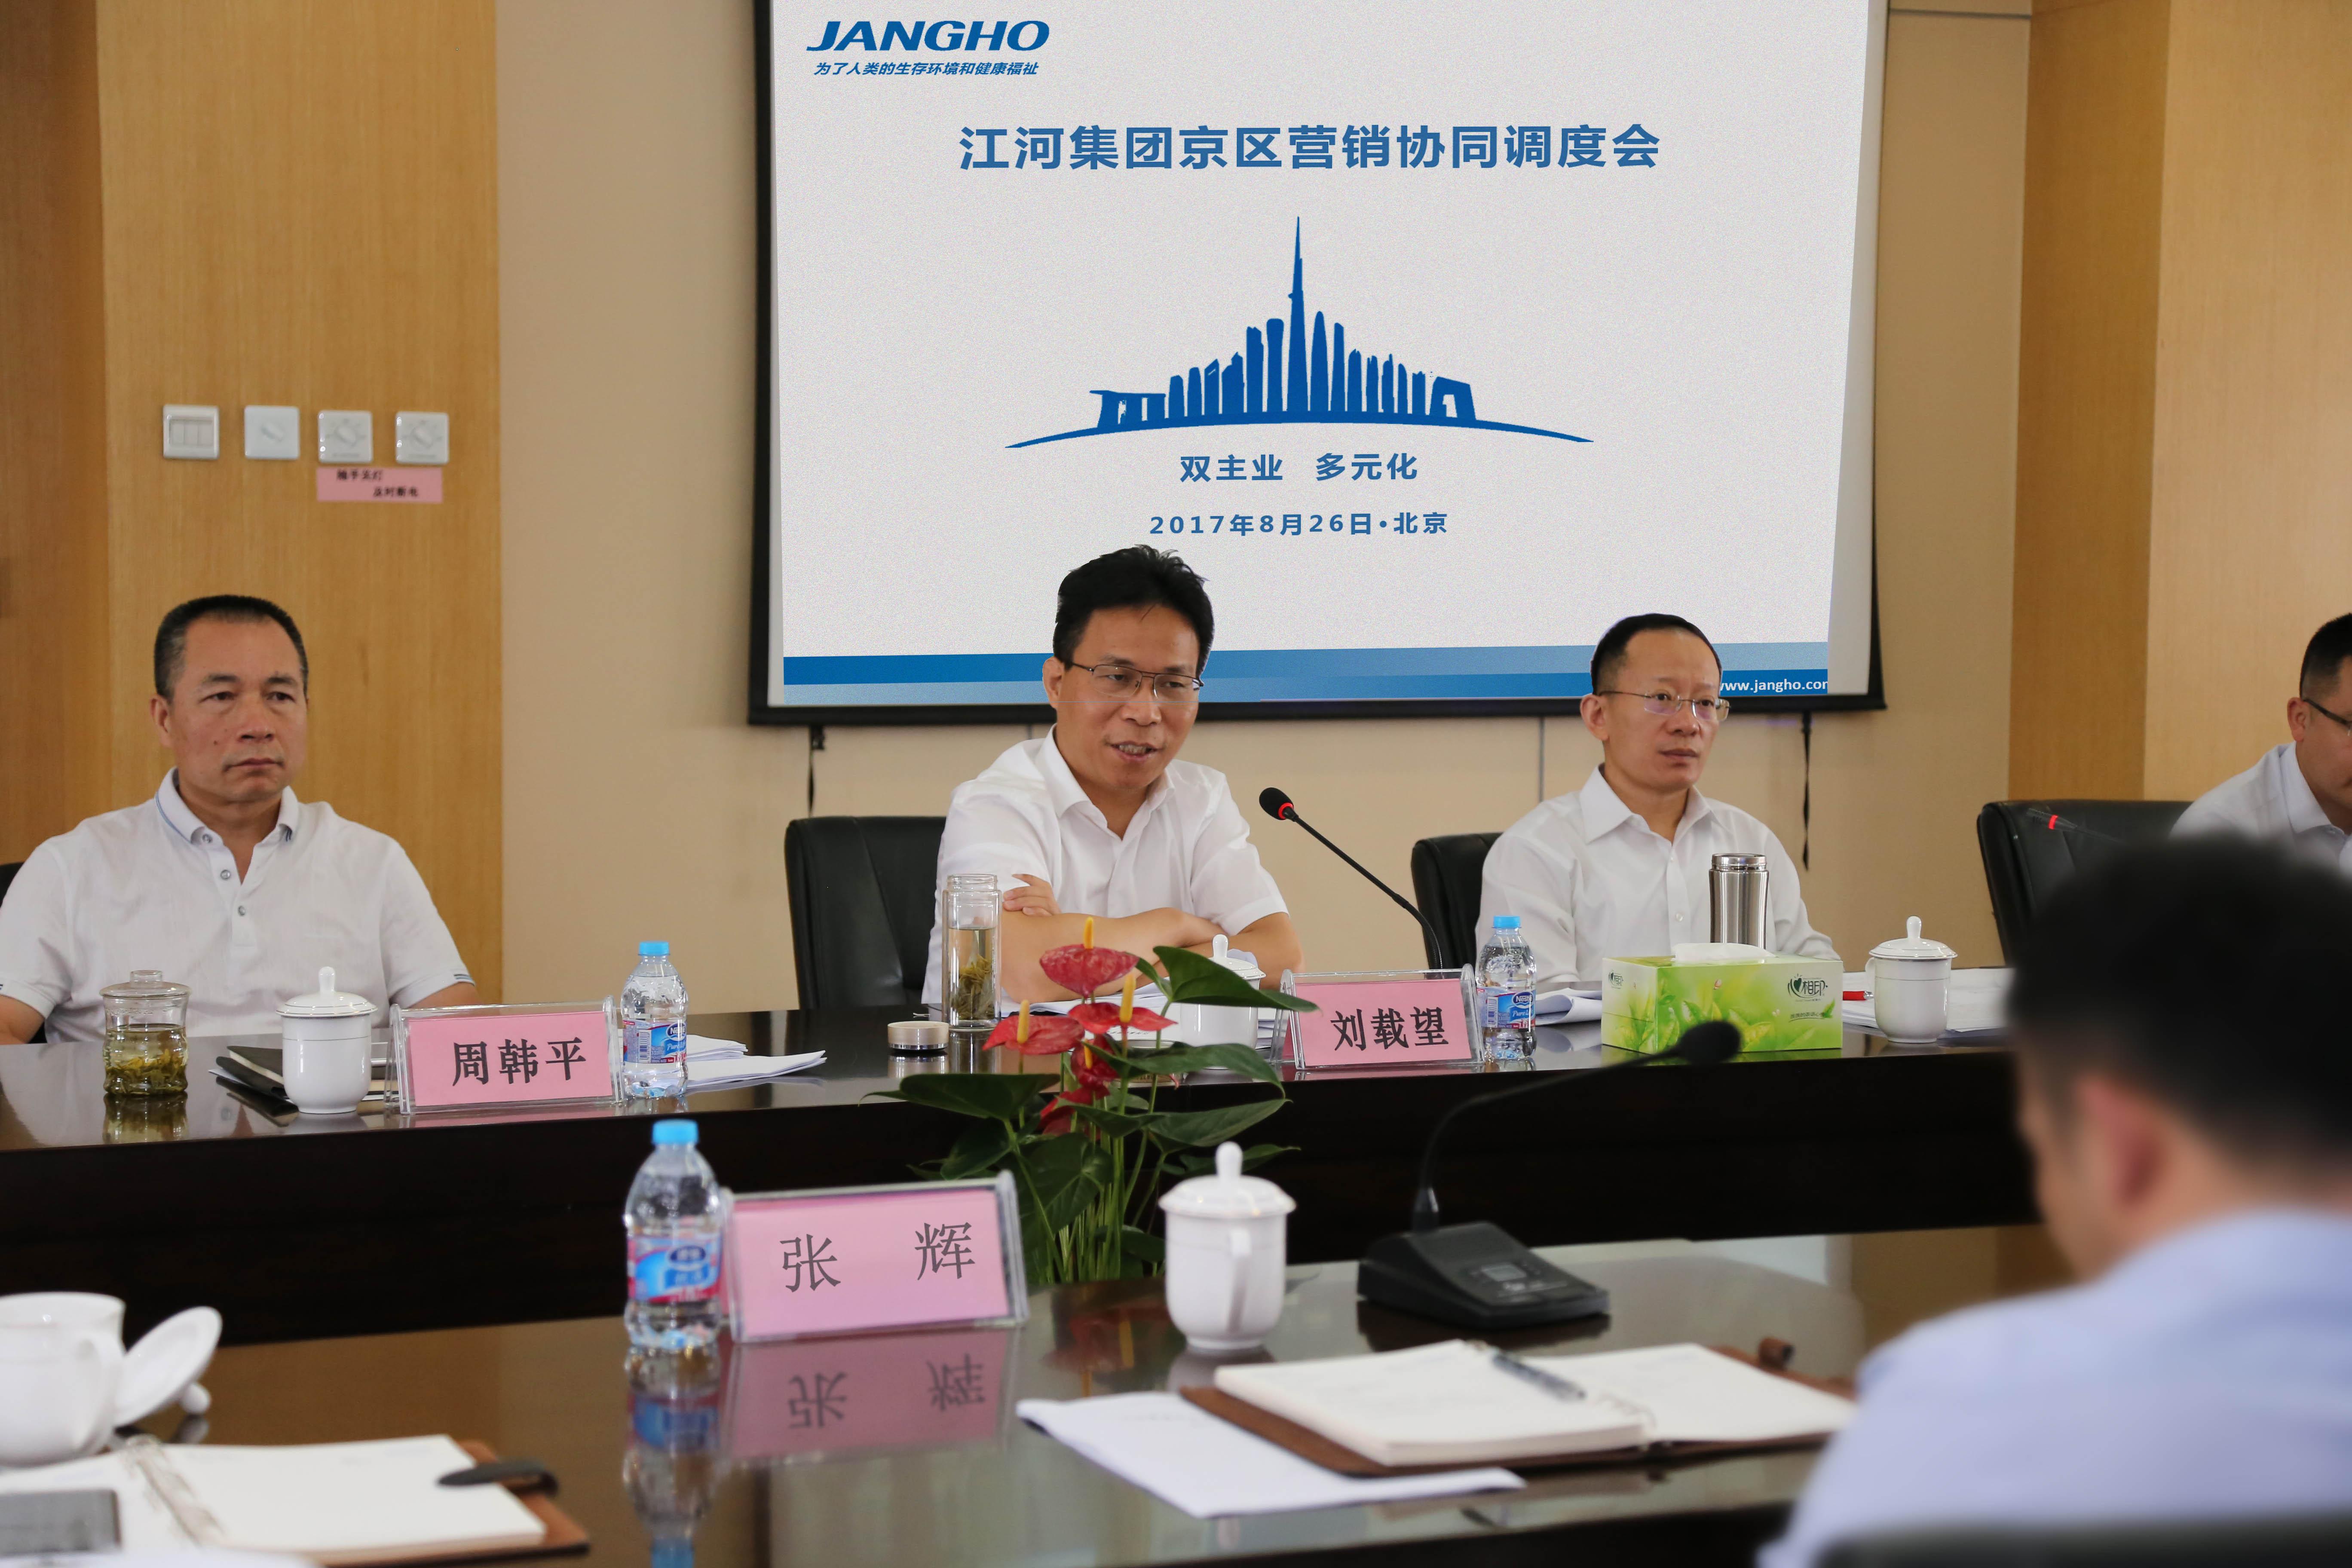 深度融合 全面协同 大力提升市场竞争力——江河集团召开京区营销协同会